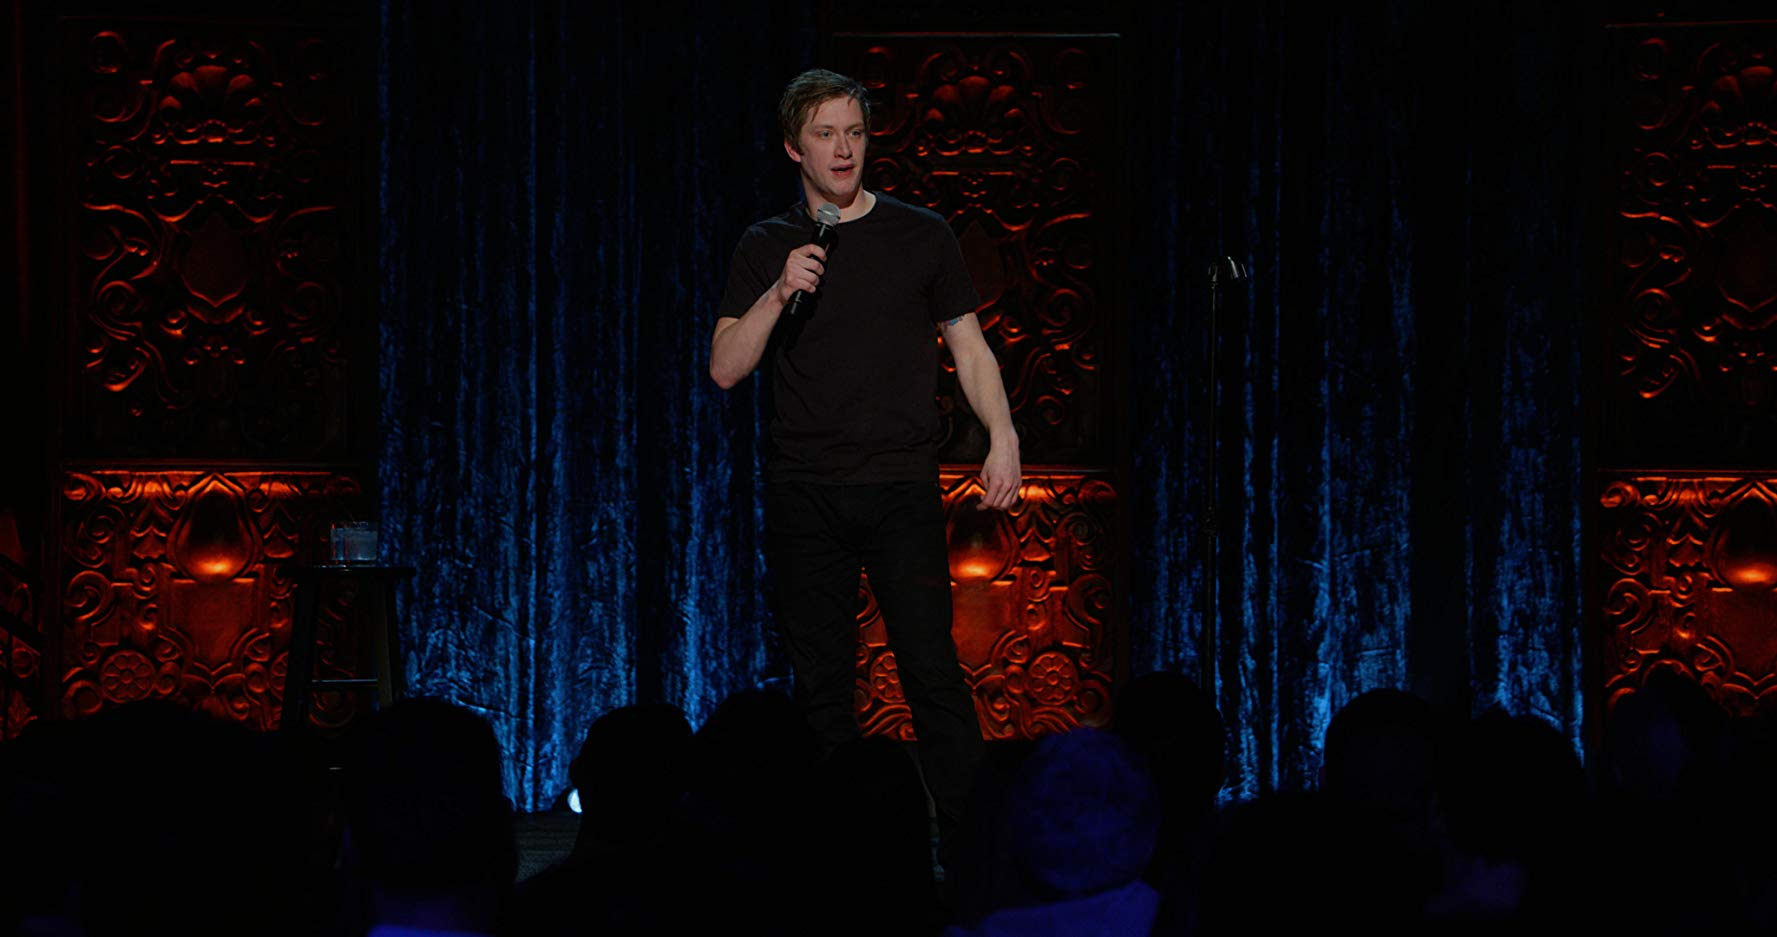 Daniel Sloss: Live Shows - Season 1